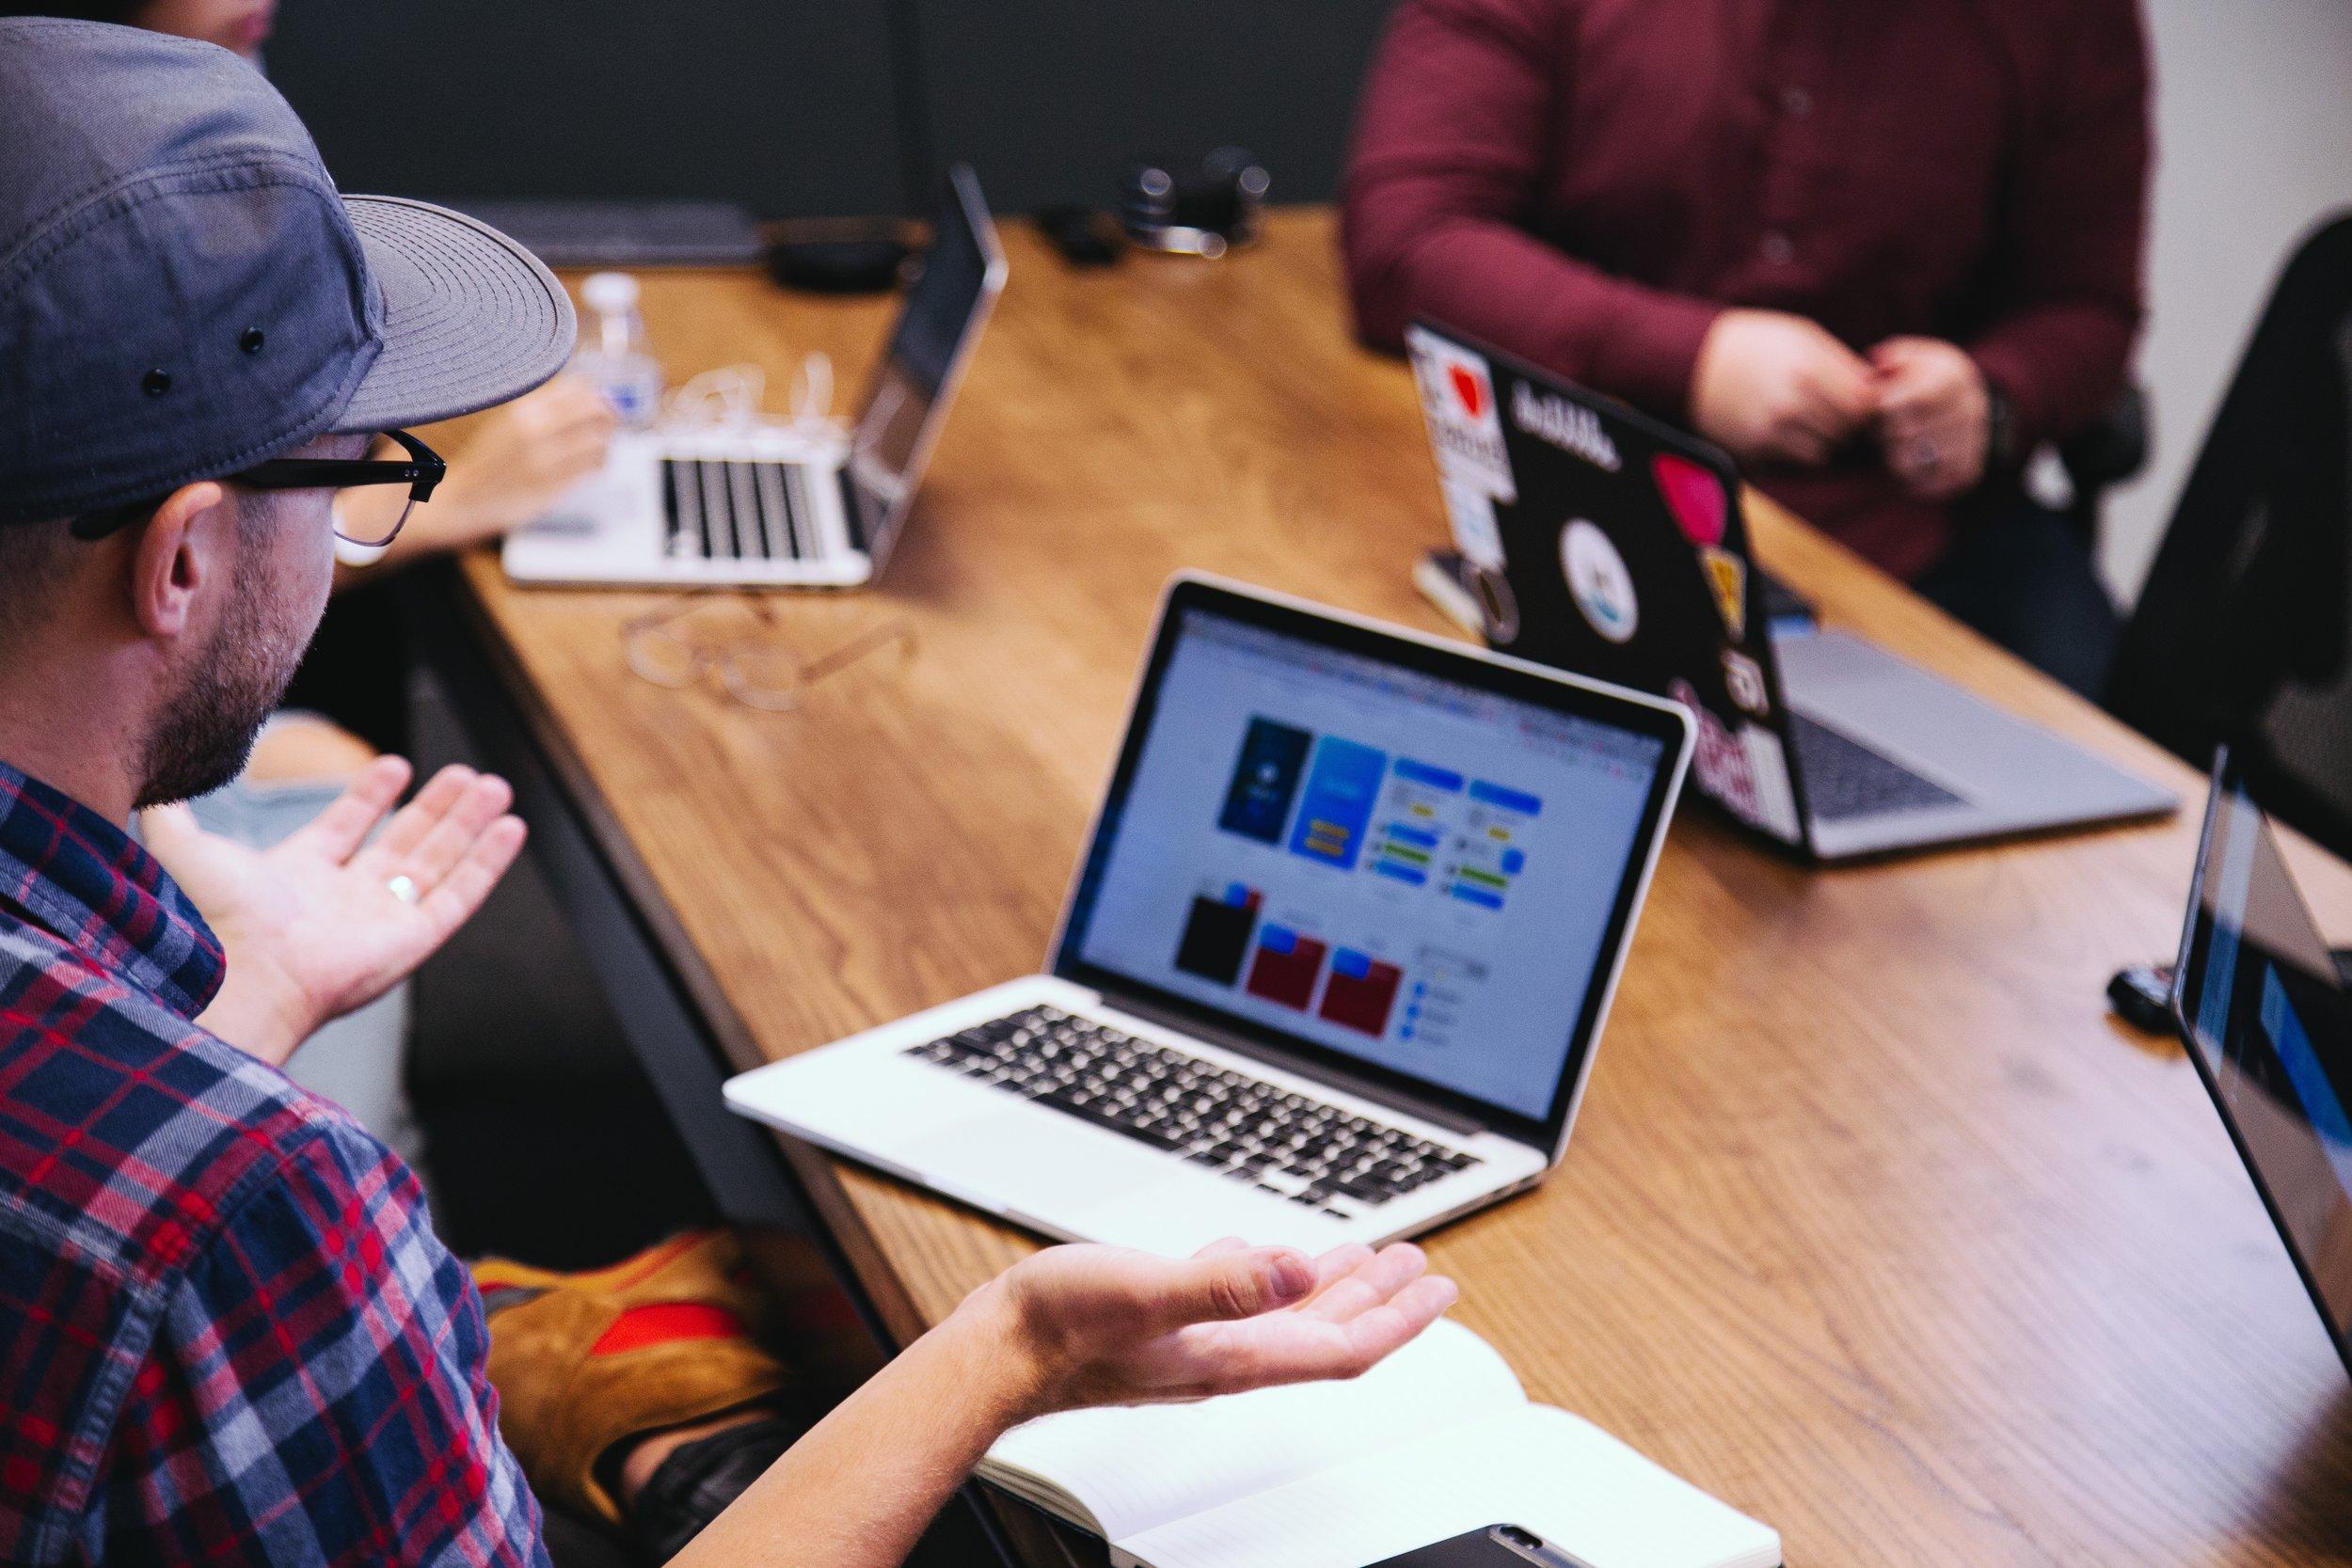 Creative Hunting. Trova la persona più adatta. - Capiamo qual è il fit migliore sia in termini di cultura aziendale che di competenze per evitare di avere discrepanze dopo l'inizio della relazione.